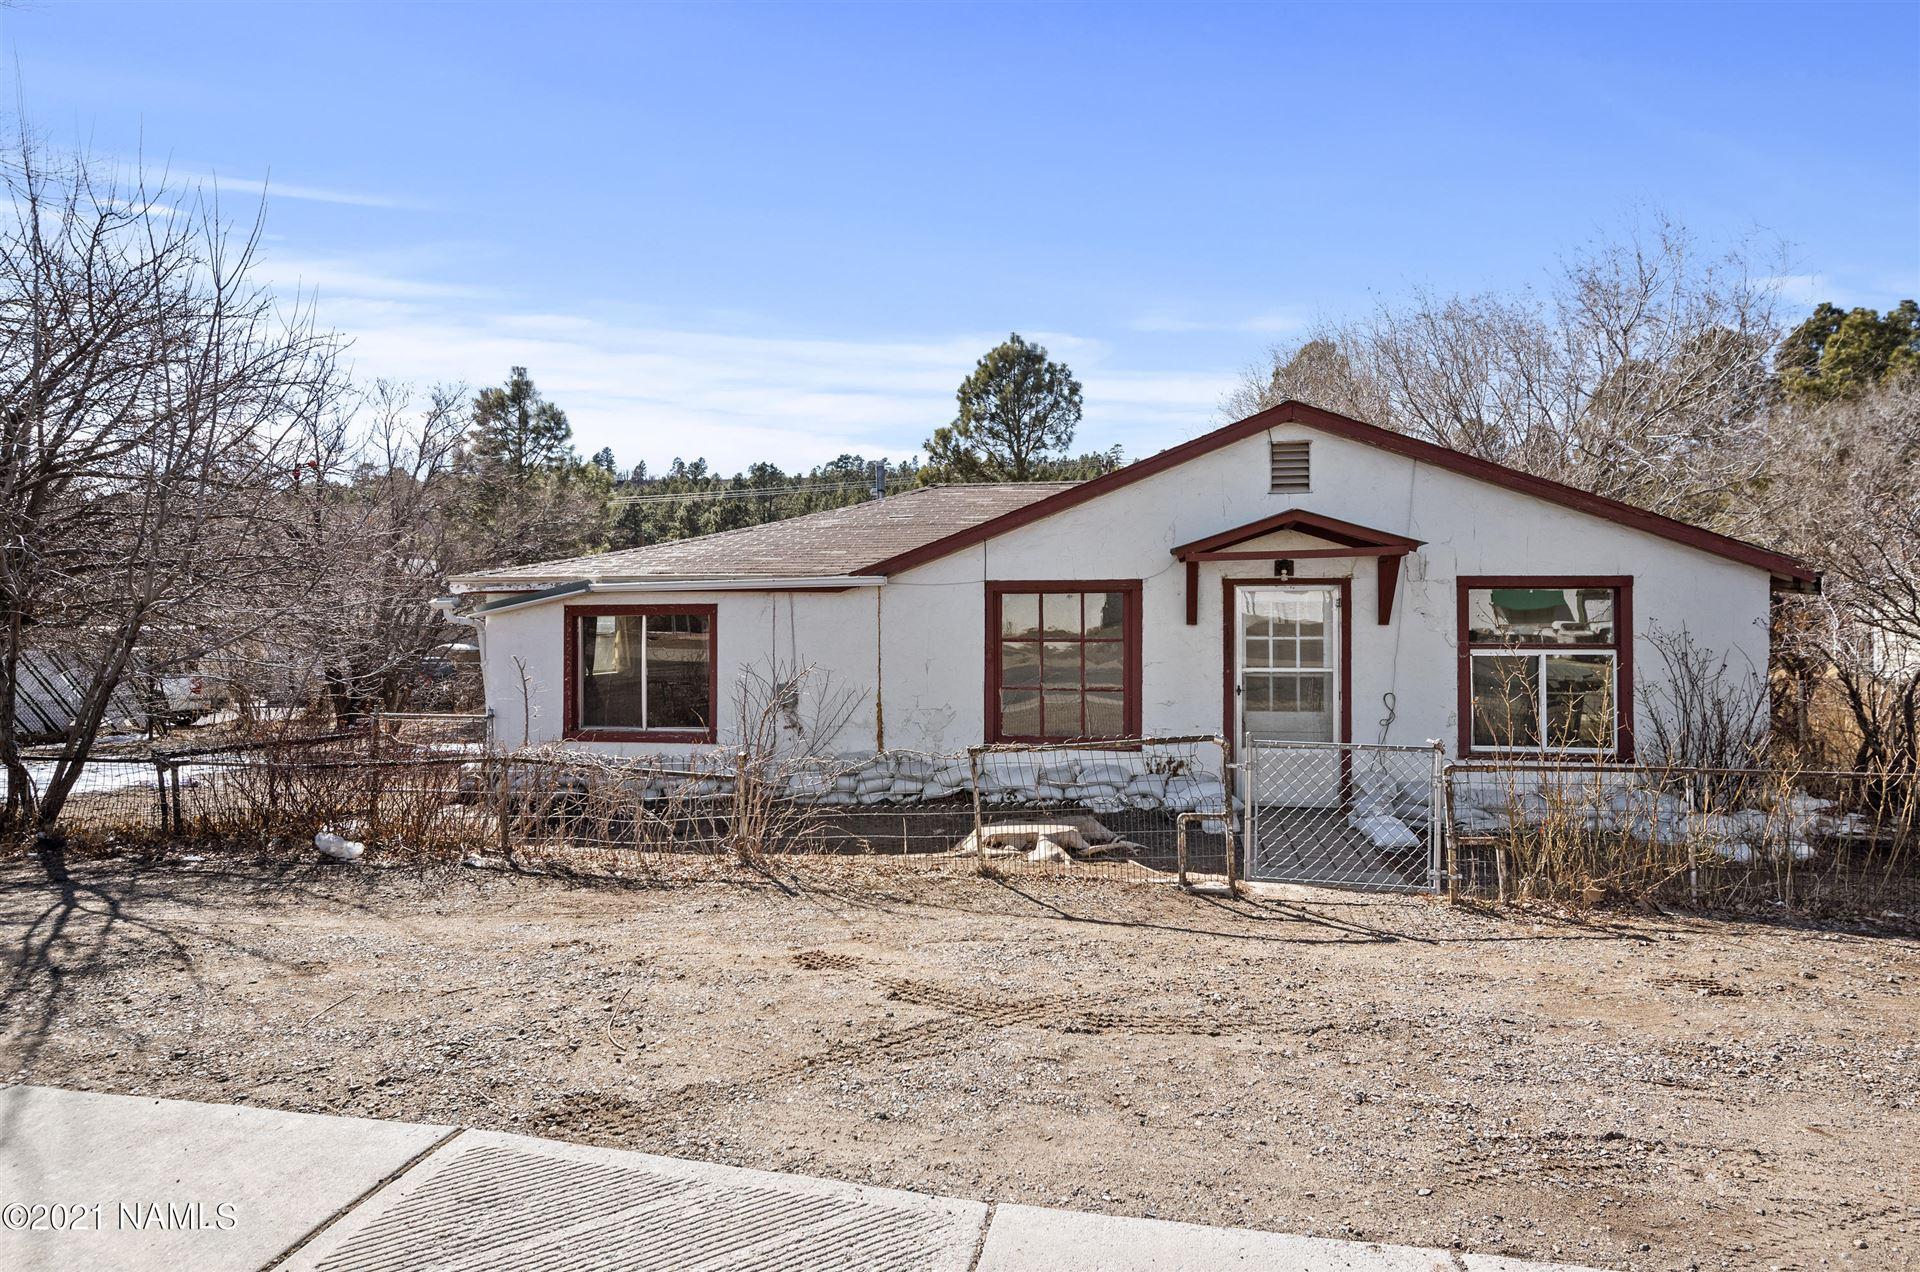 2113 N Center Street, Flagstaff, AZ 86004 - MLS#: 185108